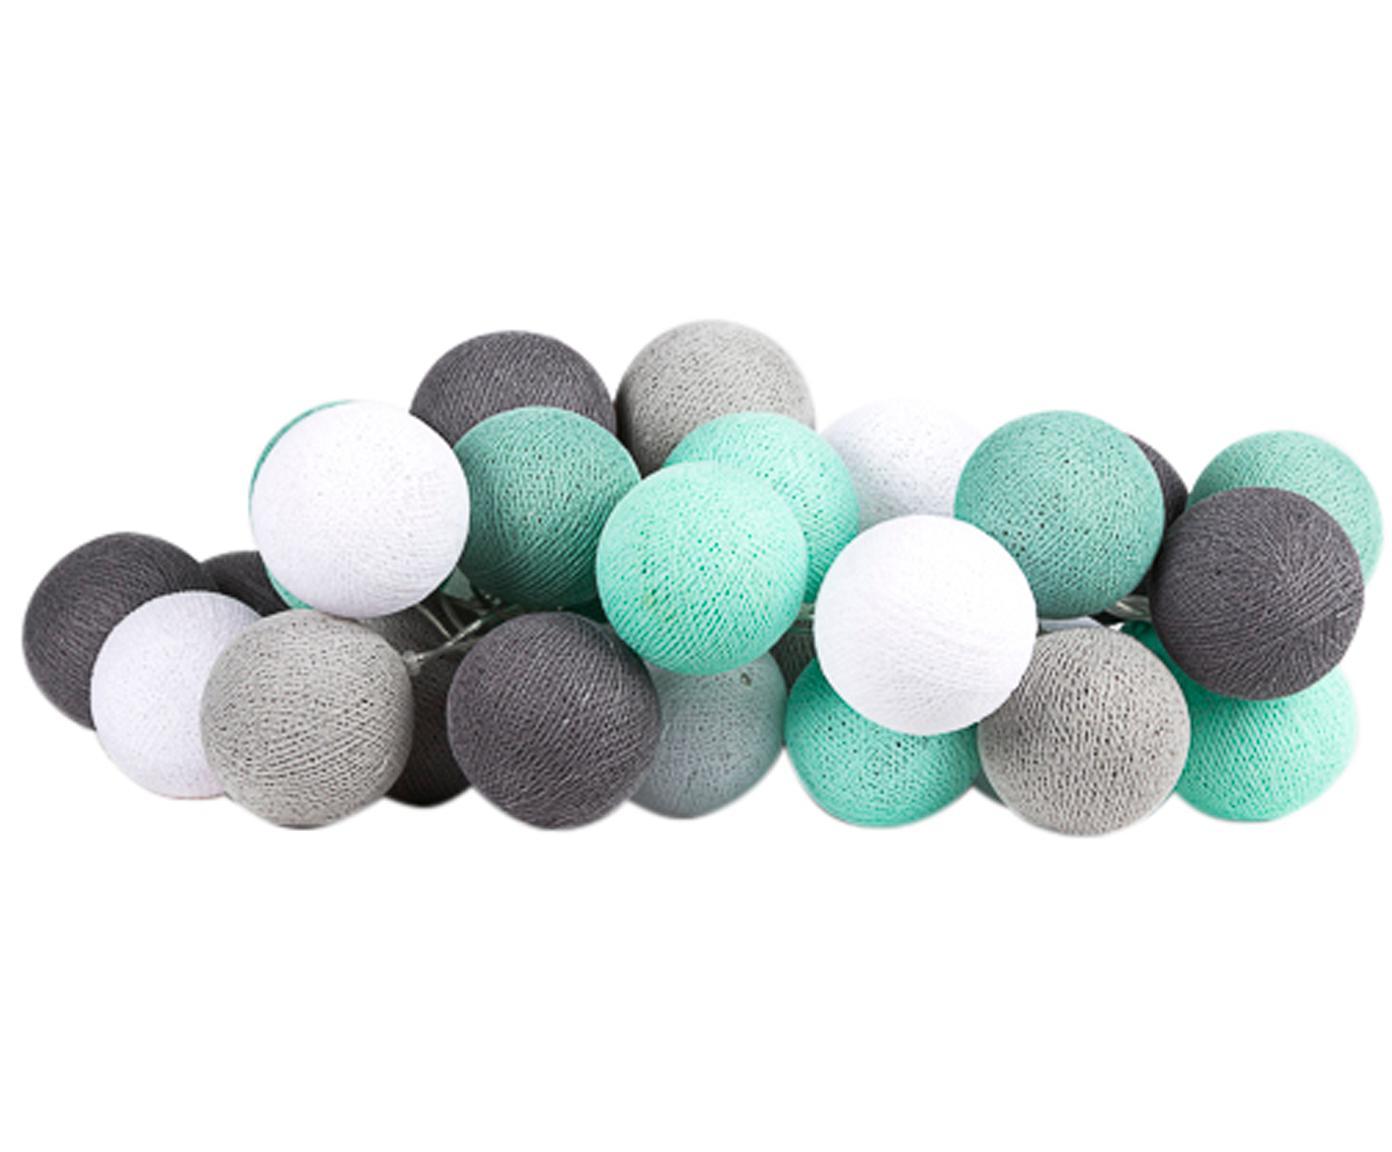 LED lichtslinger Colorain, Lampions: polyester, Mintgroen, grijstinten, wit, L 264 cm